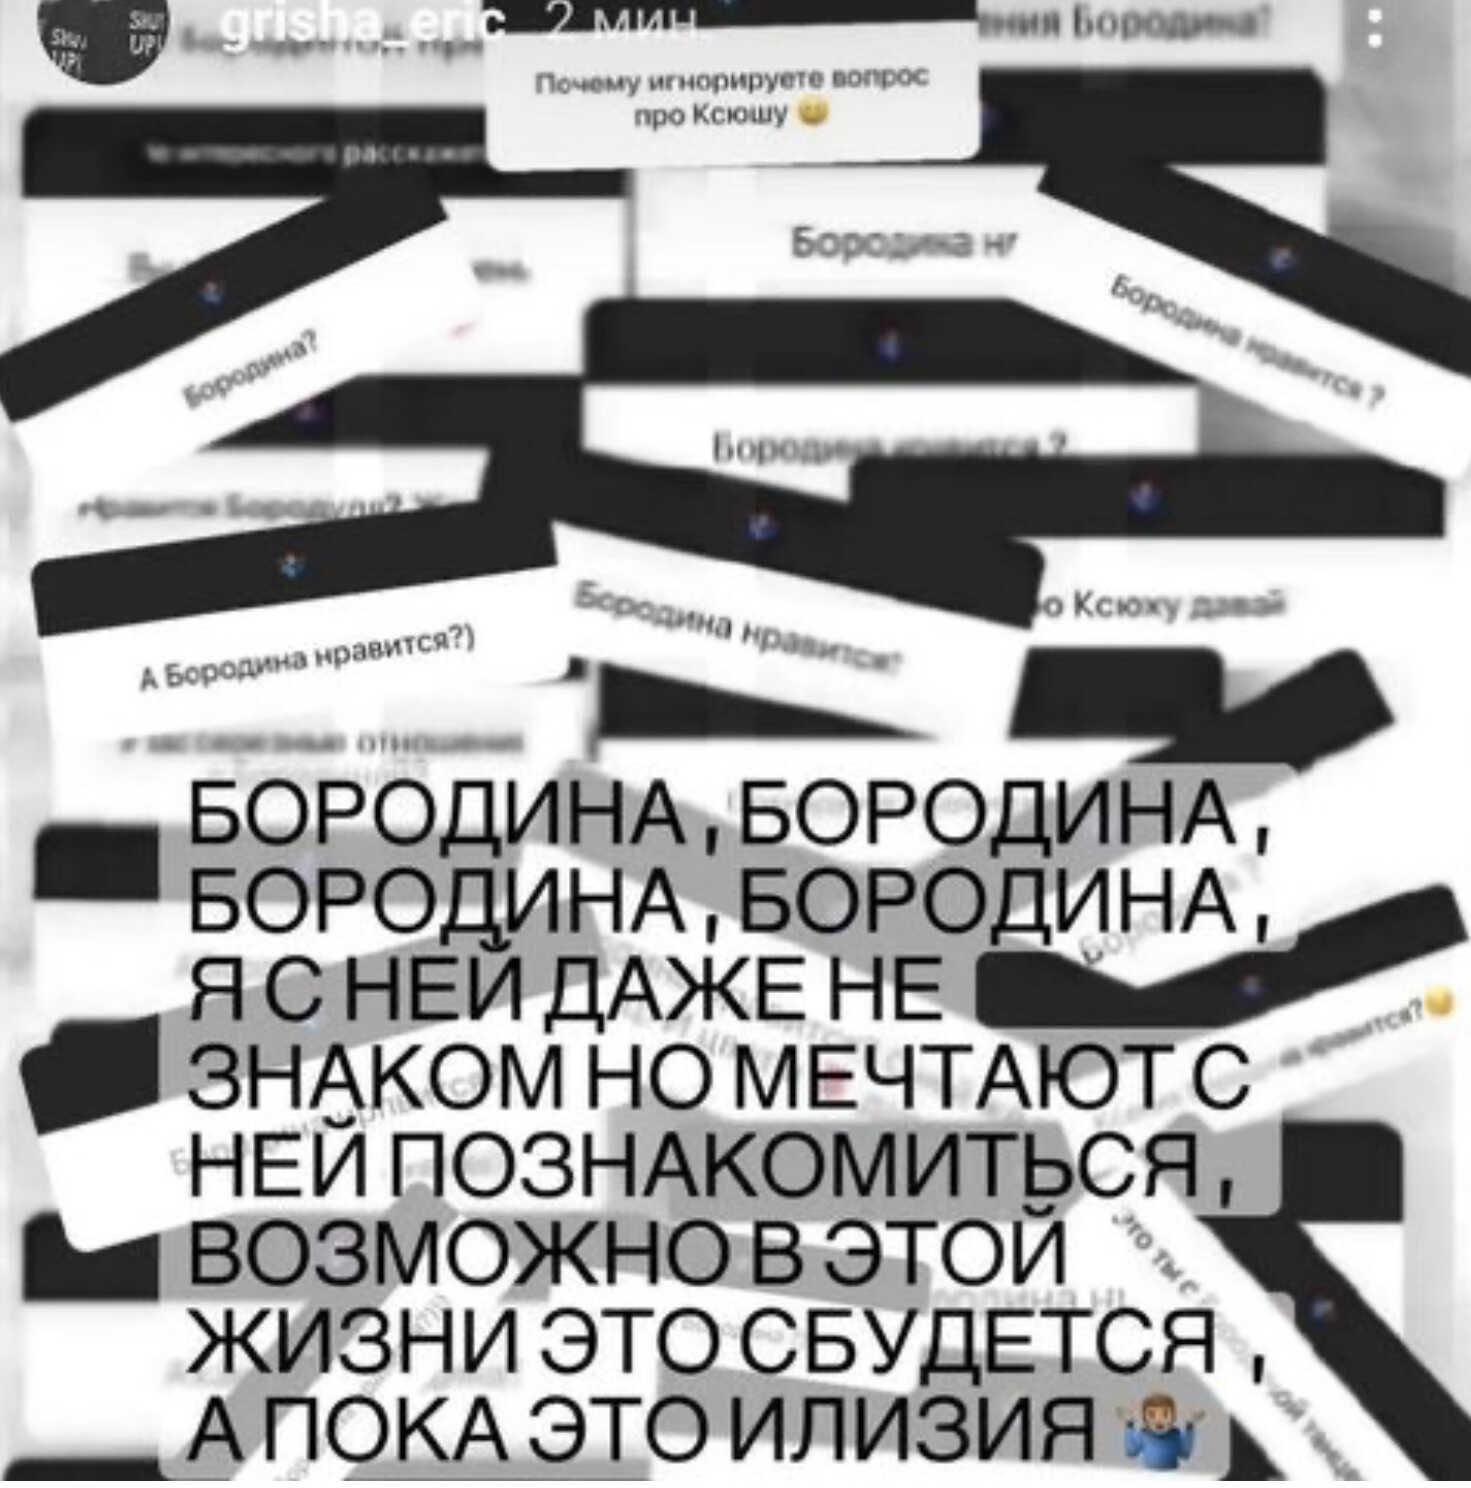 Предполагаемый бойфренд Ксении Бородиной впервые высказался о ней